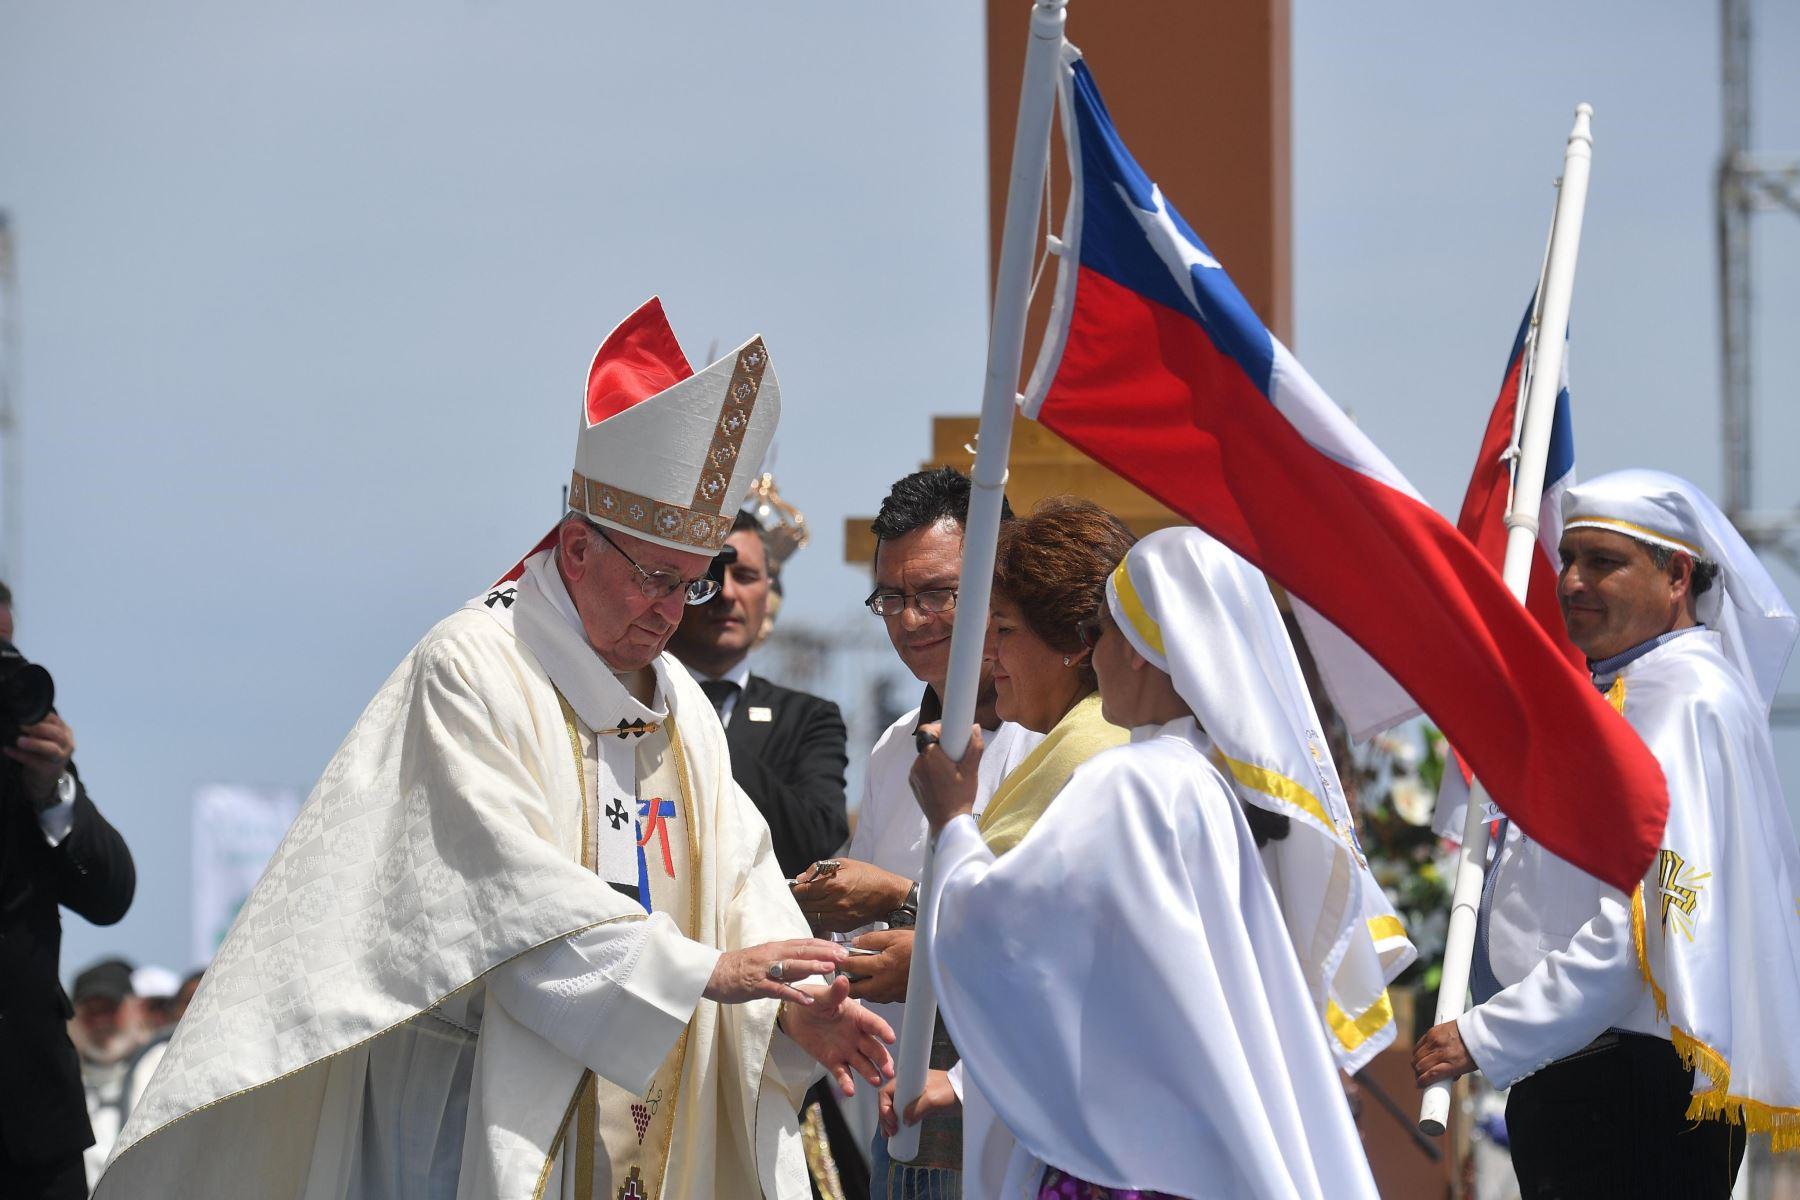 La Iglesia chilena en su hora clave por casos de abusos sexuales